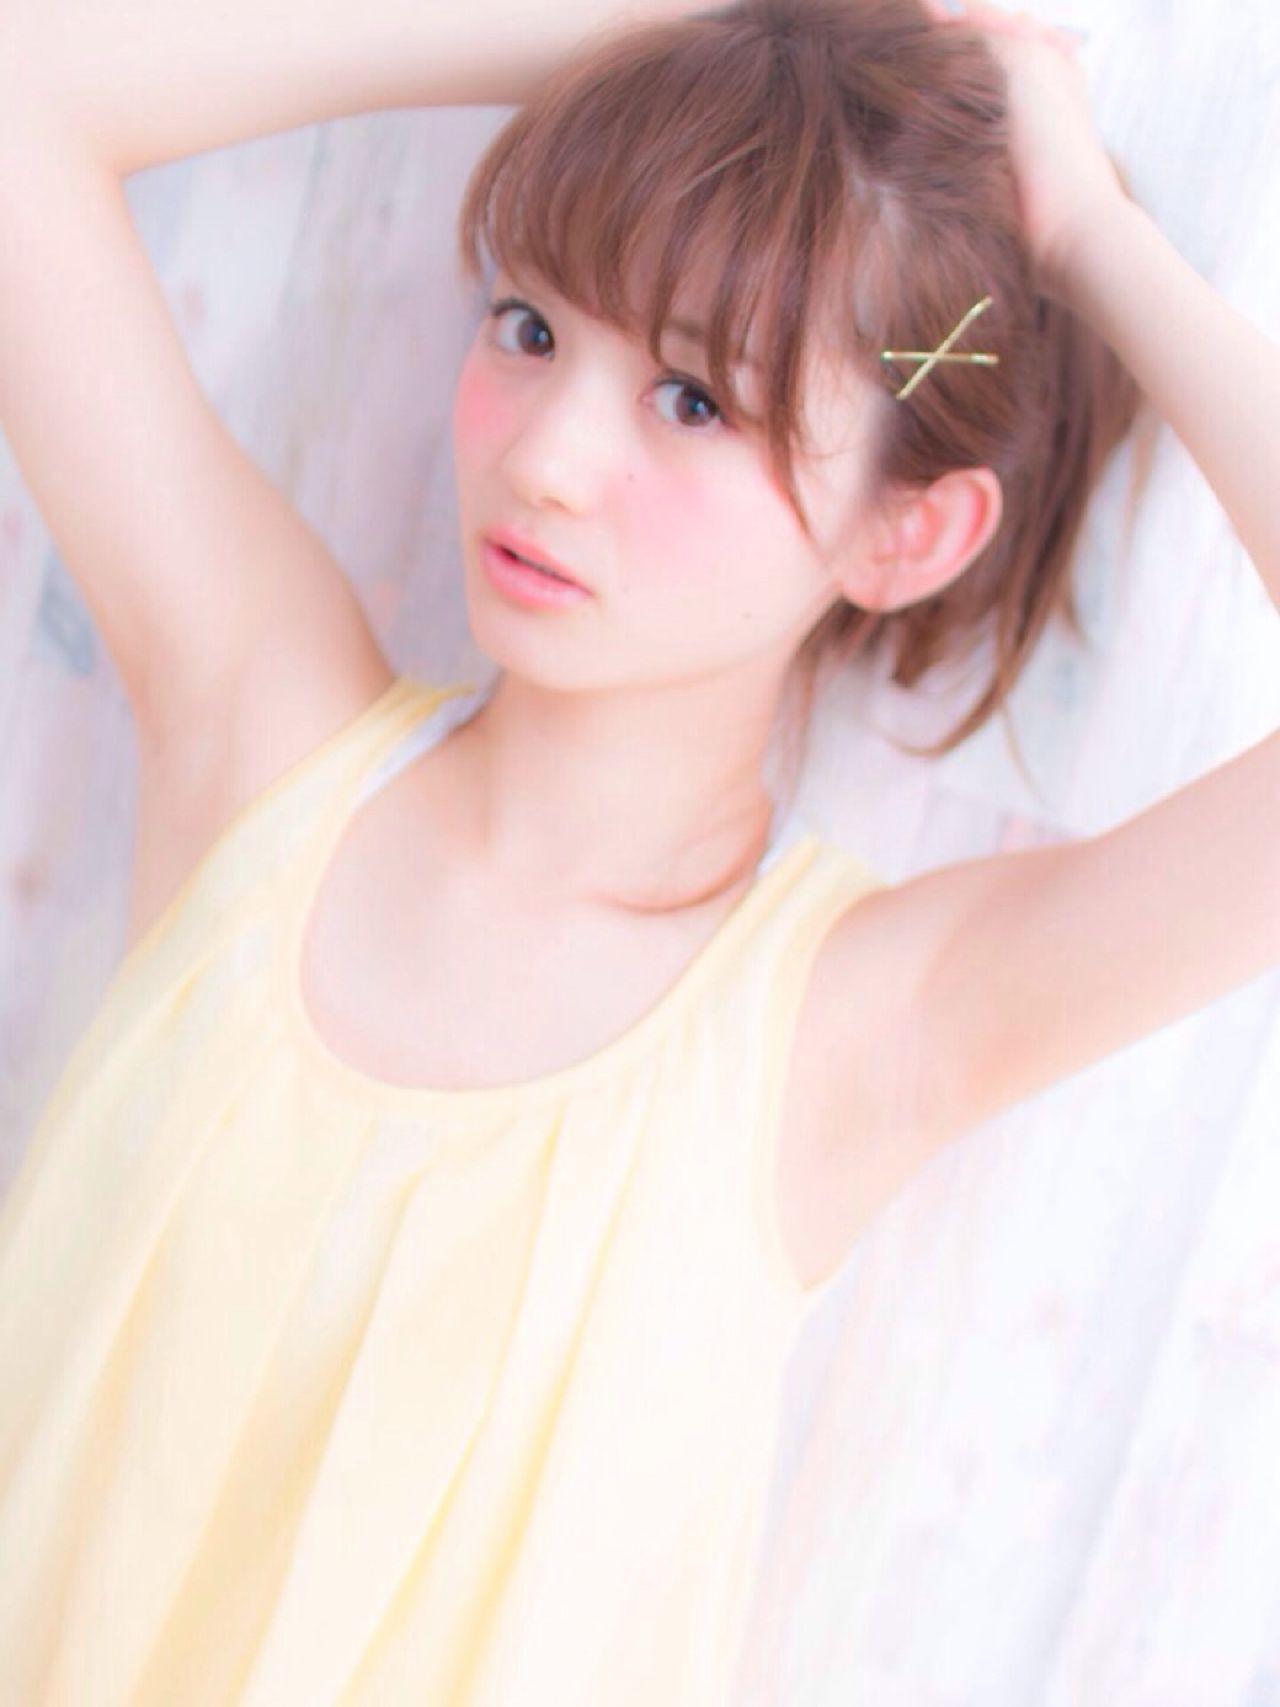 シースルーバング ヘアアレンジ ミディアム おフェロ ヘアスタイルや髪型の写真・画像